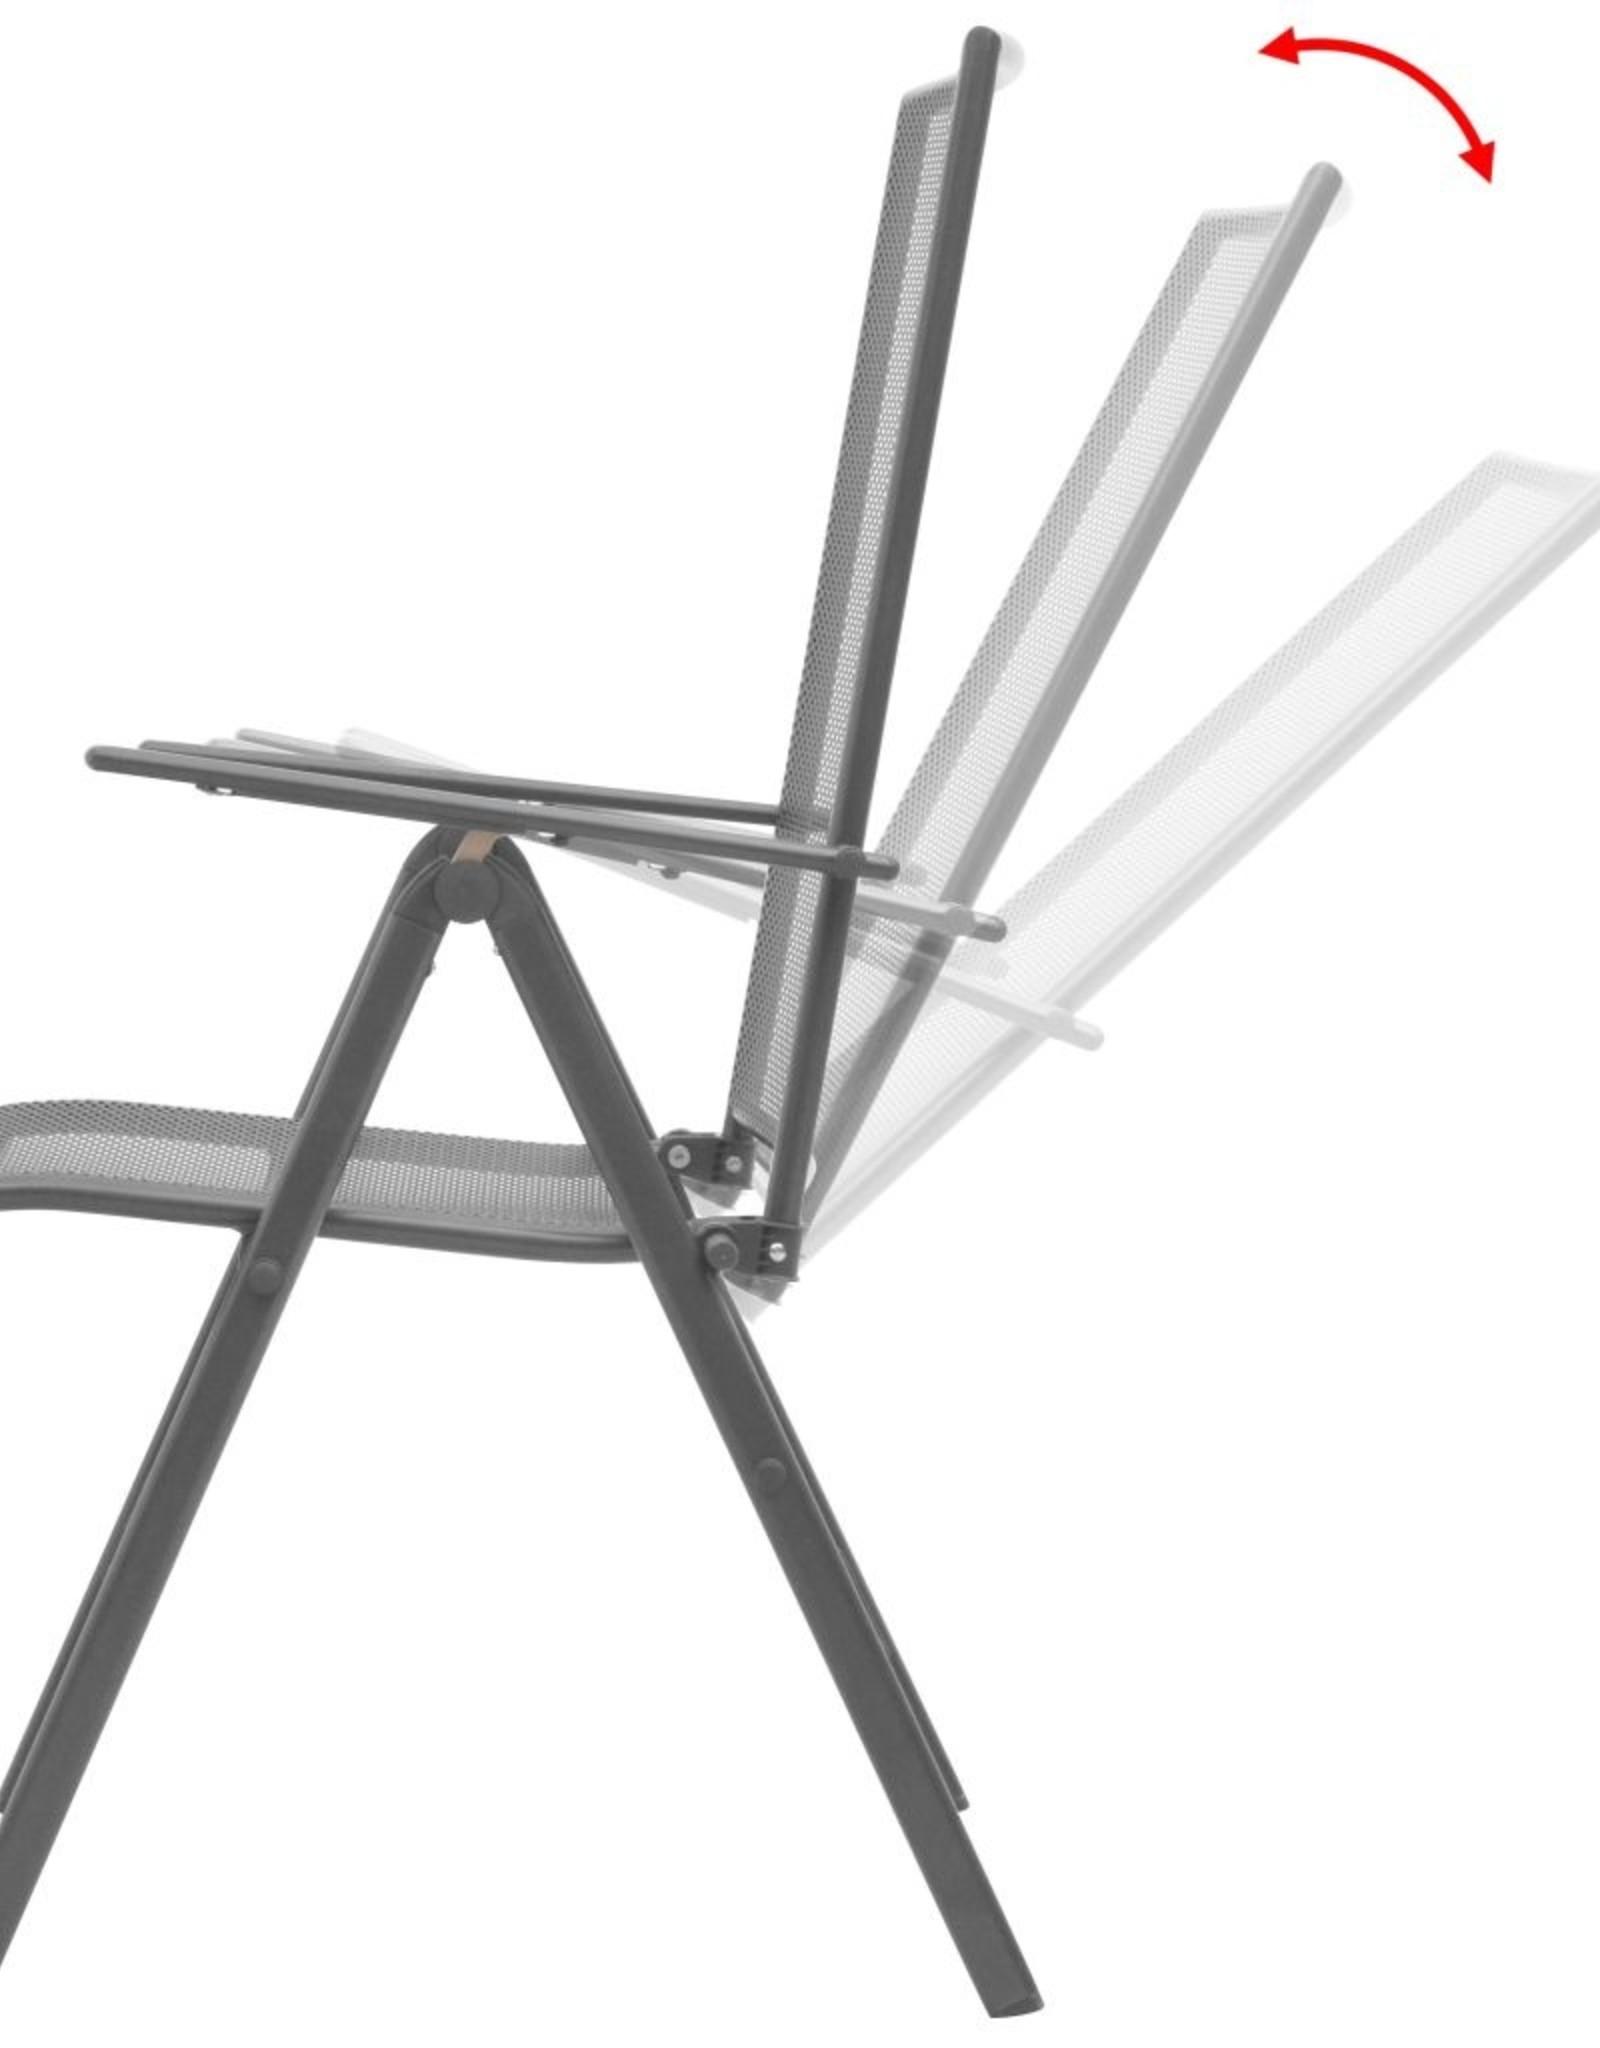 7-delige Tuinset met klapstoelen staal antraciet